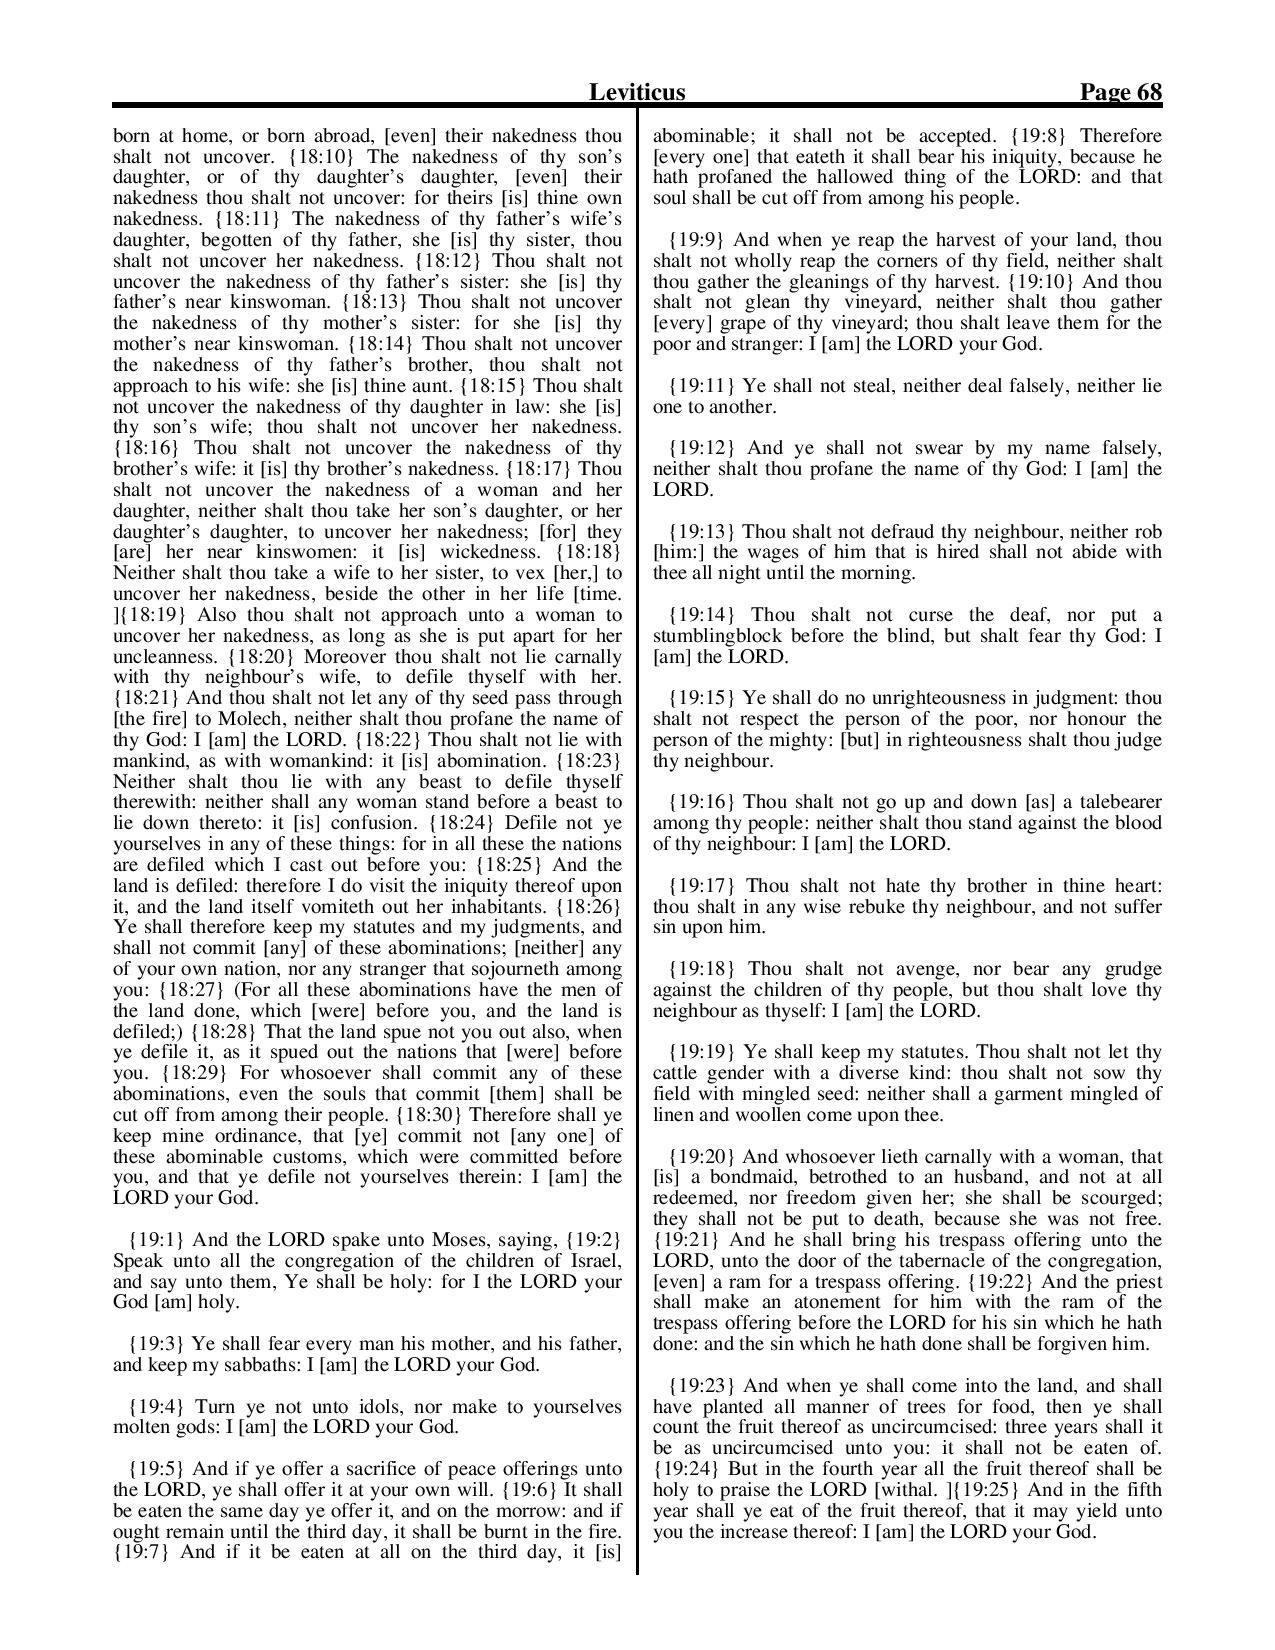 King-James-Bible-KJV-Bible-PDF-page-089